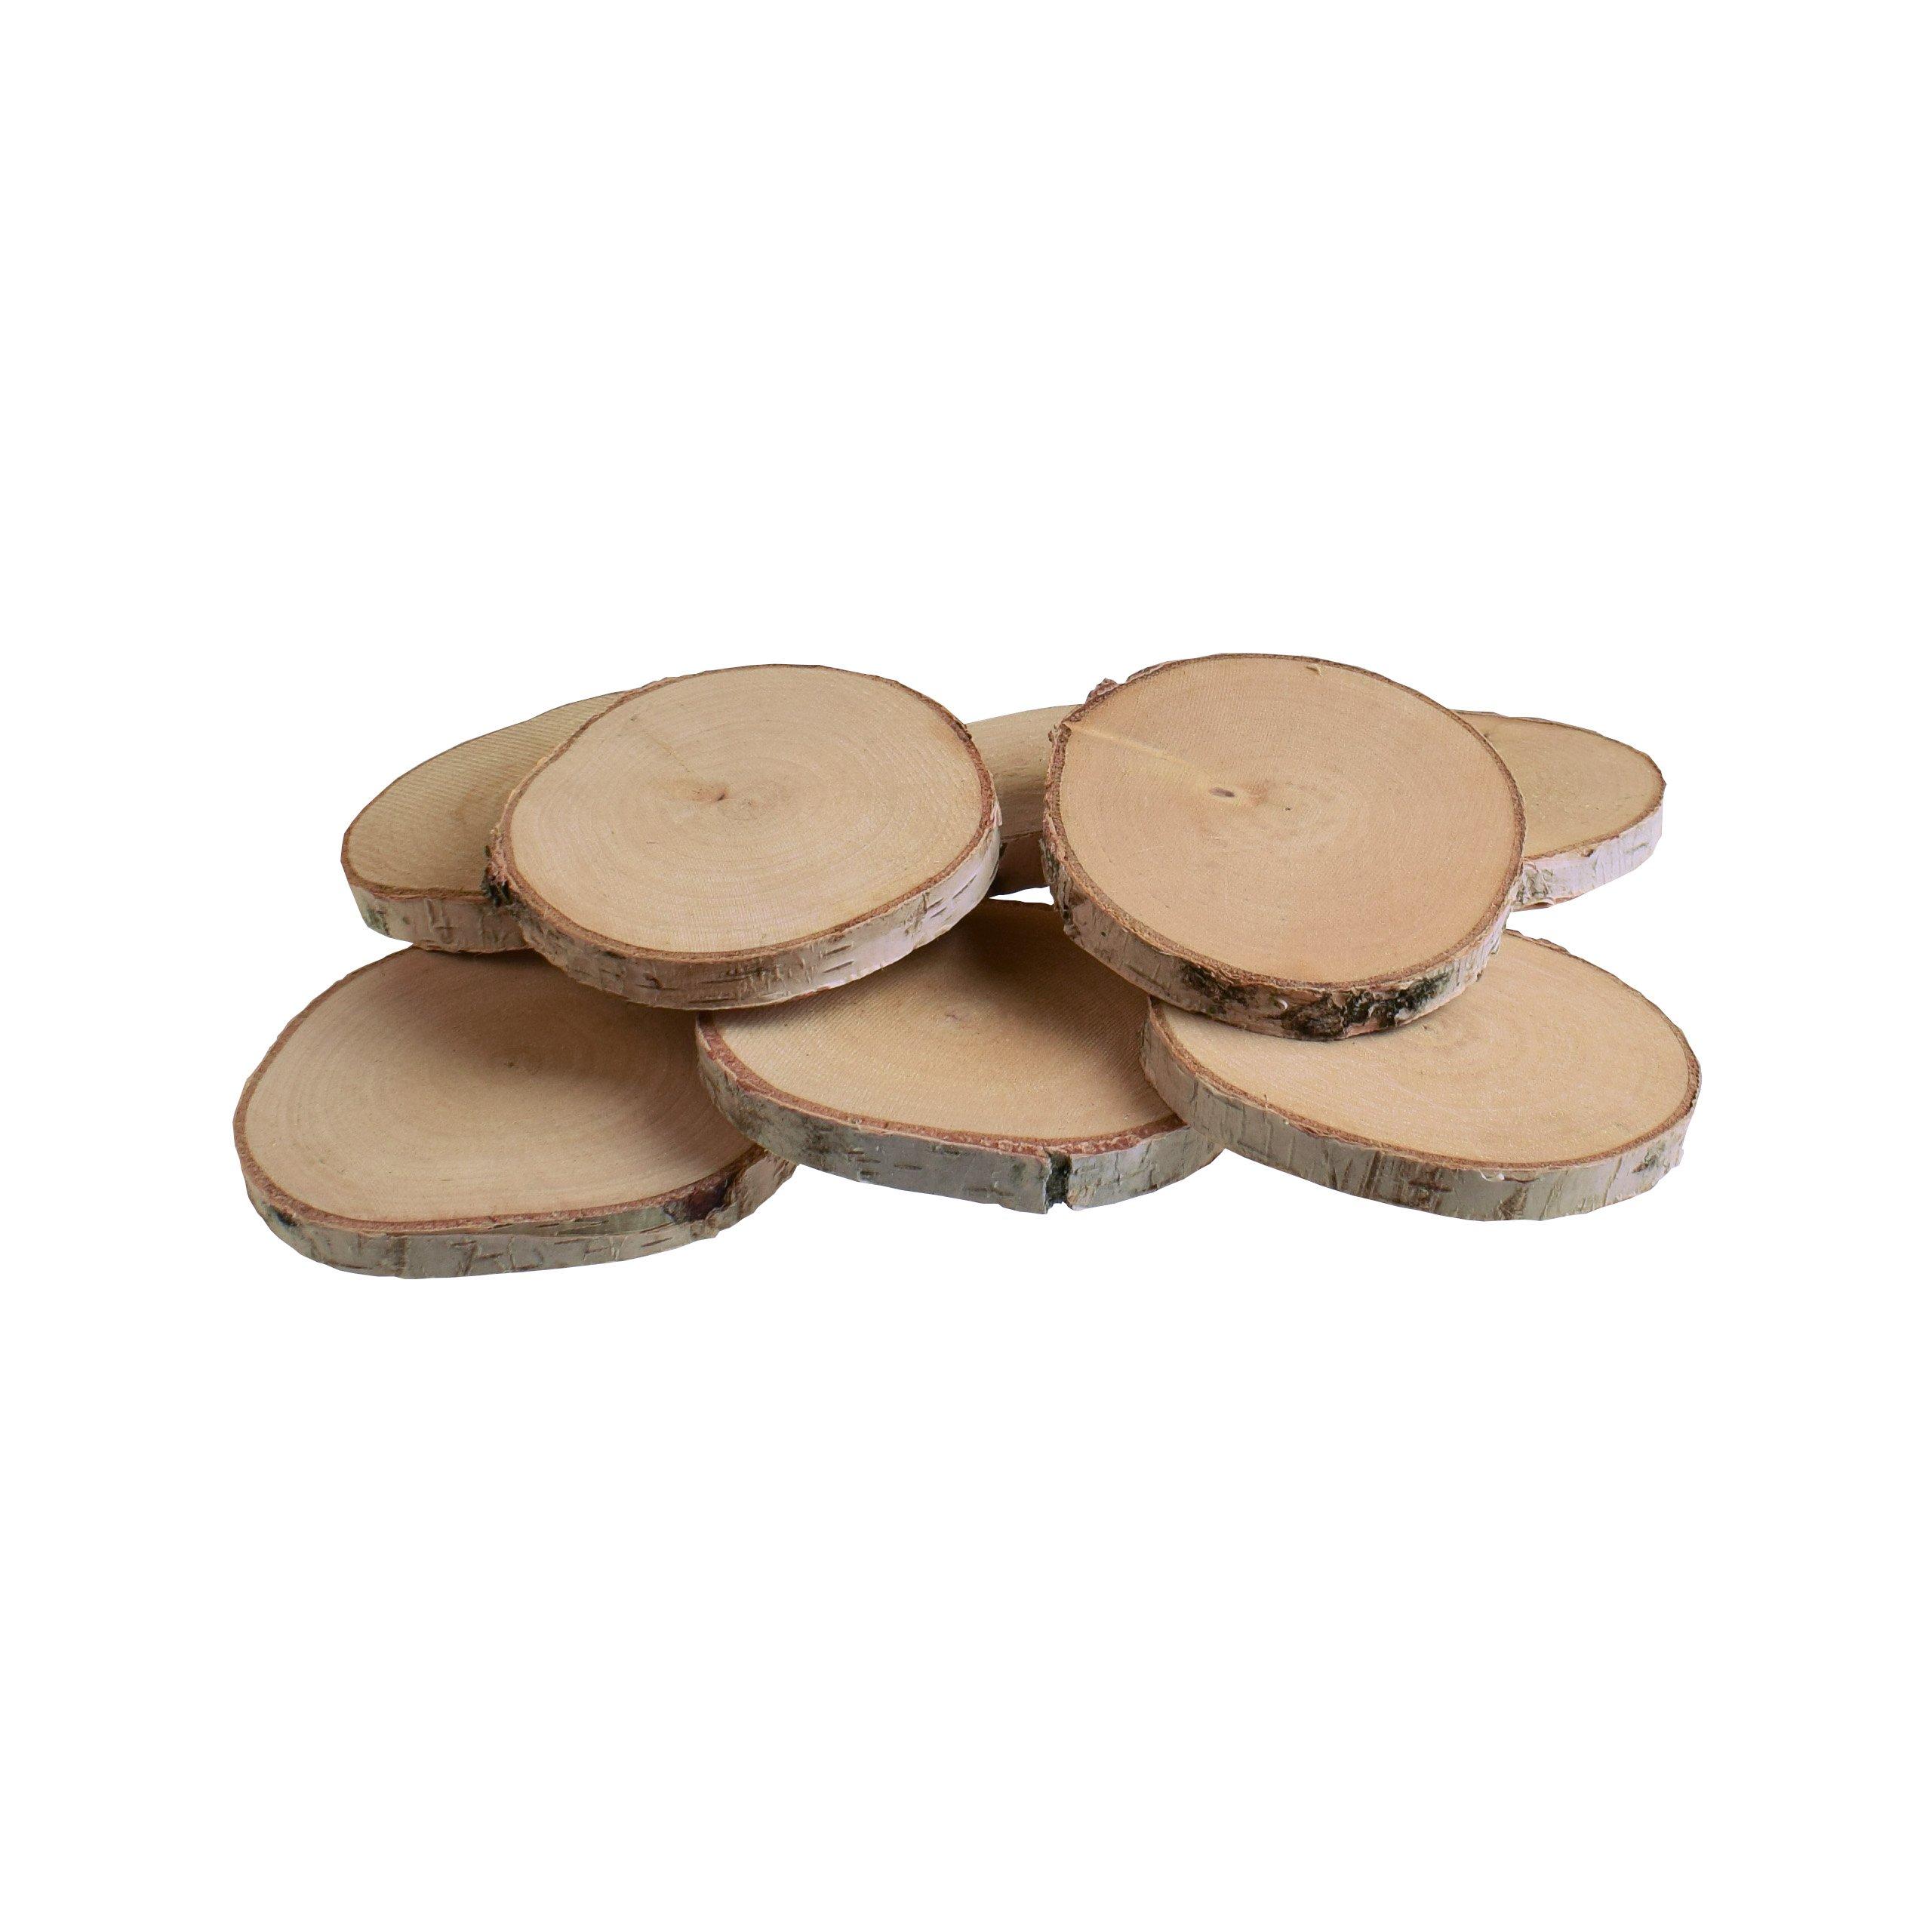 Náplasť, plátky, drevené puky, drevené 8-10 cm